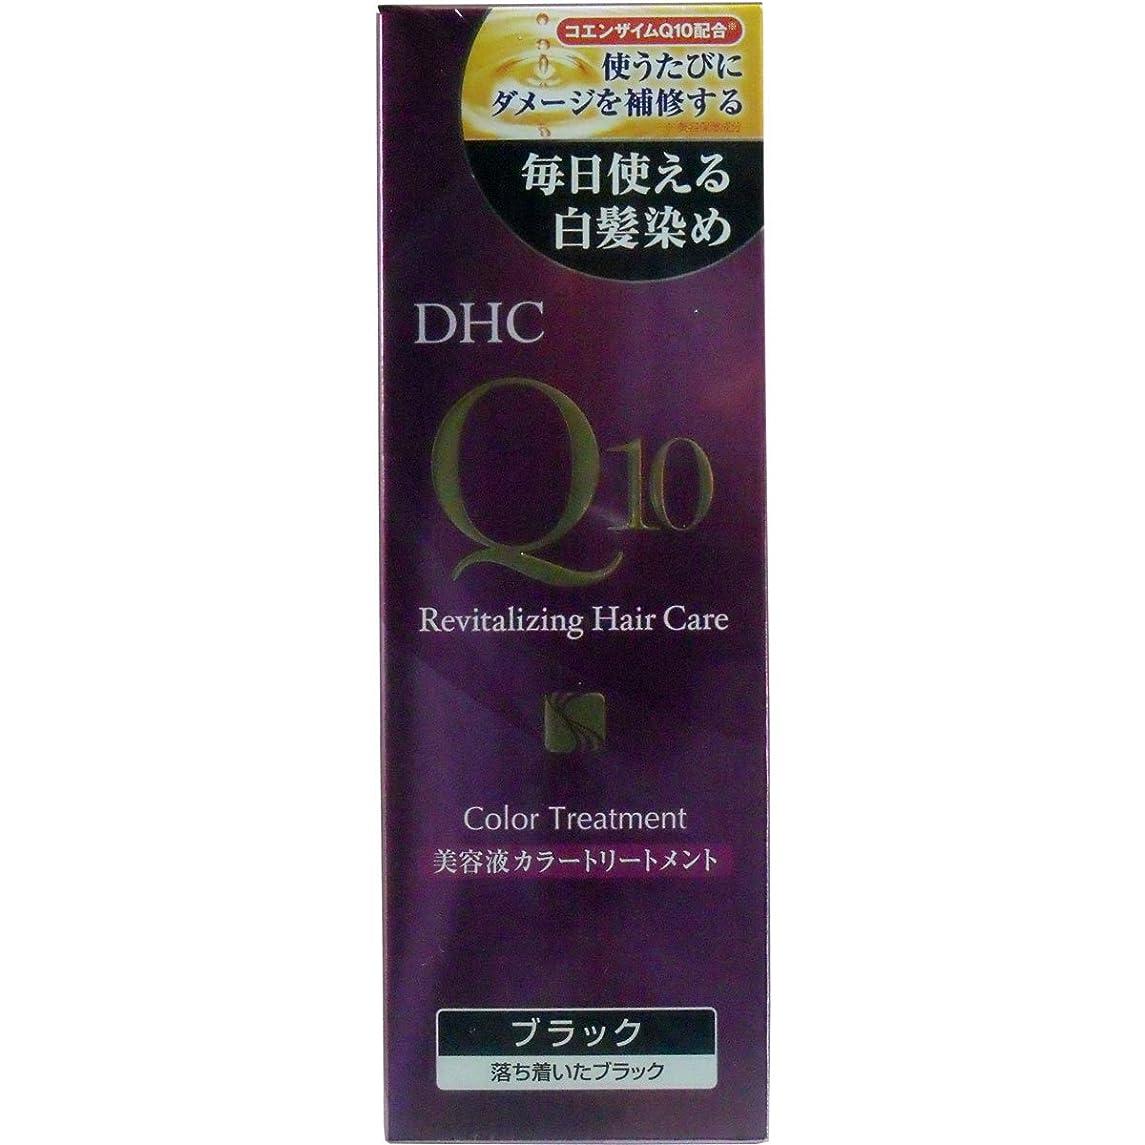 サービス腐食するスチュワーデスDHC Q10美容液 カラートリートメント ブラック 170g